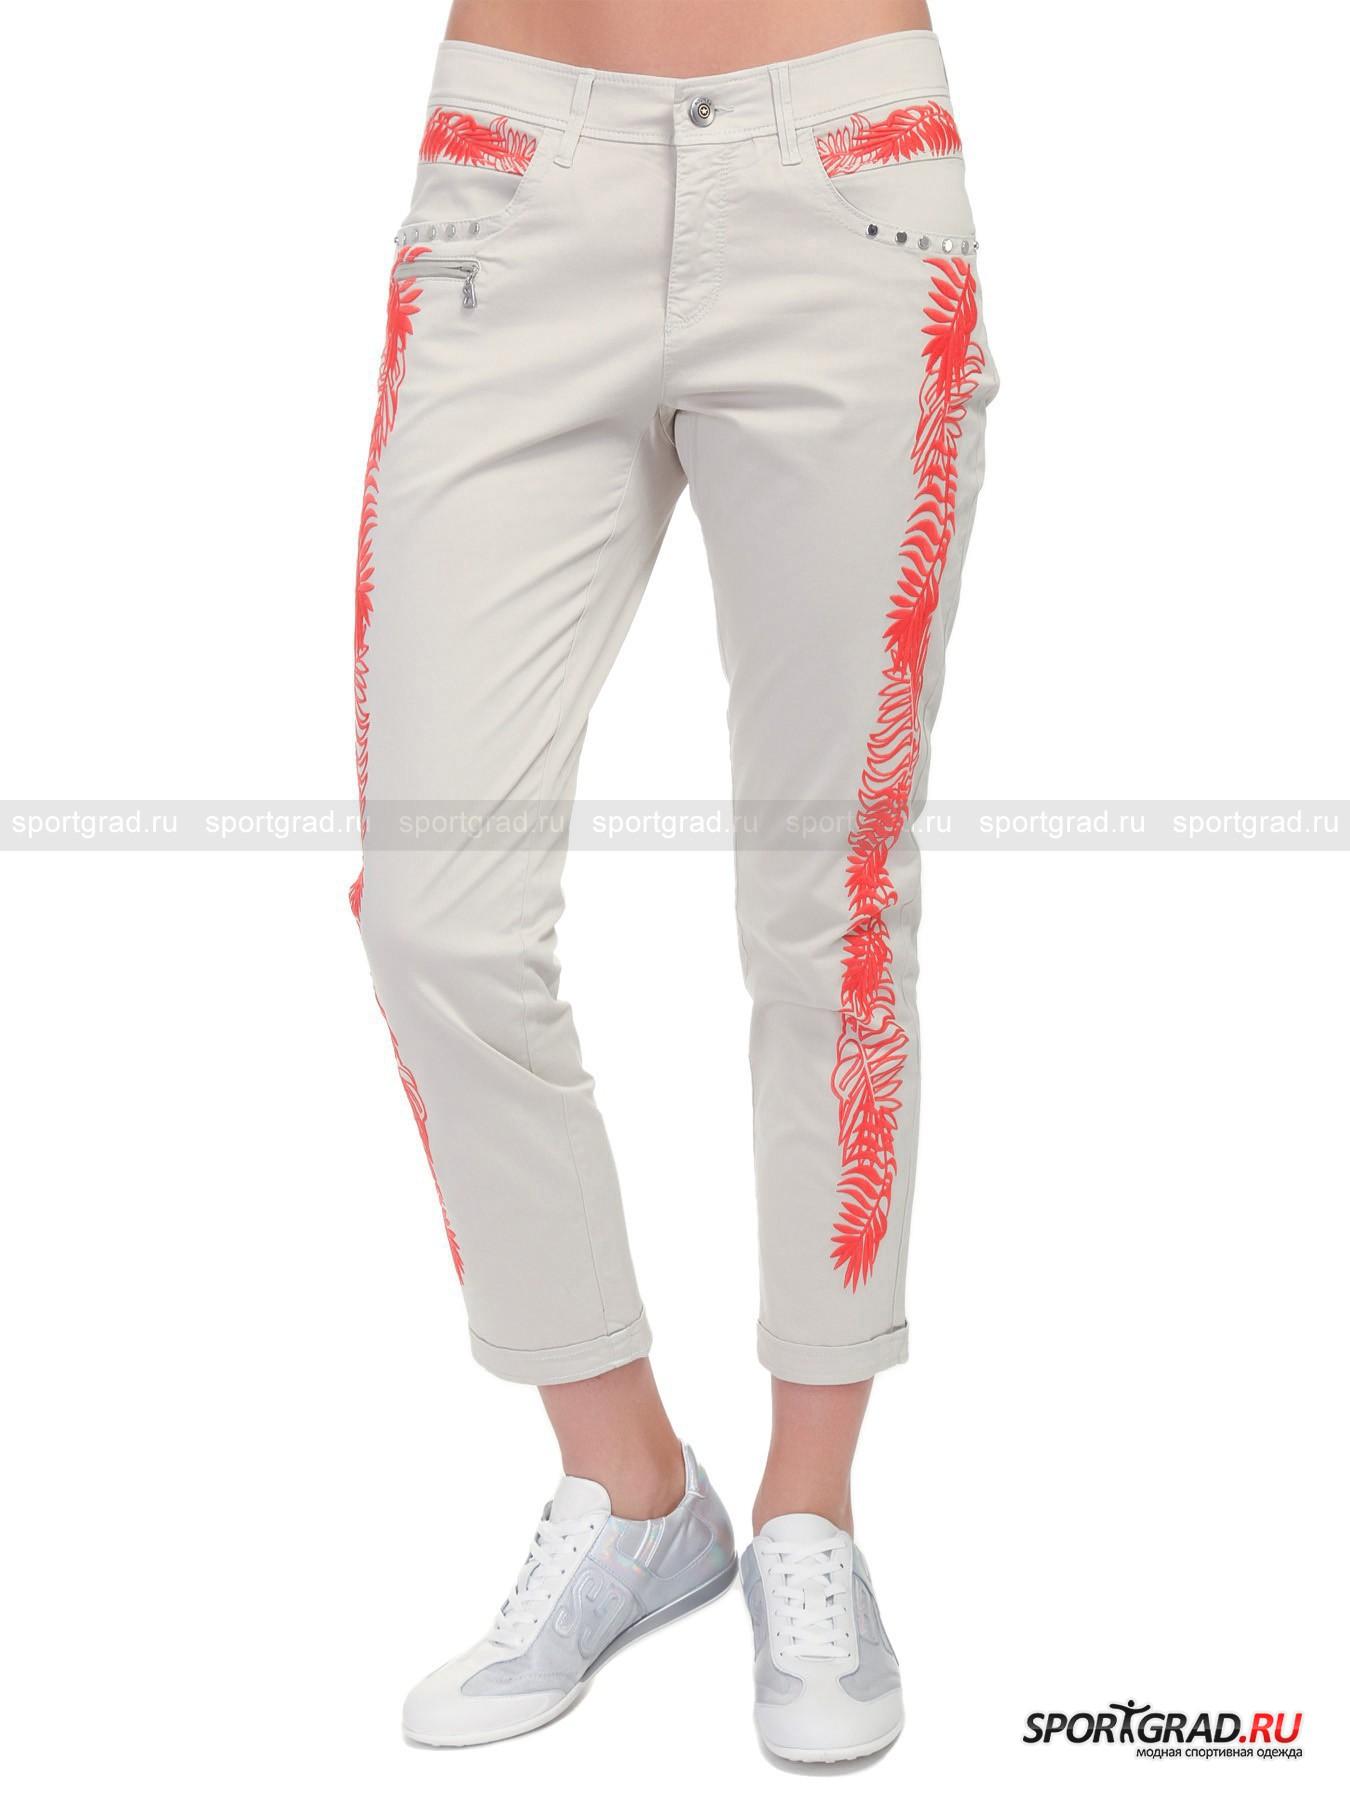 Брюки женские MARTA-G BOGNERБрюки<br>Мягчайшие хлопковые брюки с вышивкой от BOGNER как ни крути станут Вашей любимой вещью в этом сезоне. Аккуратный подворот, зауженный крой и материалы высочайшего качества – всё это о данной изящной женской модели. Всё в отделке этих утончённых брюк продумано до мельчайших деталей. Металлические элементы на карманах гармонично сочетаются с великолепной вышивкой в виде тропических растений, кожаная шлёвка с логотипом BOGNER и сияющими стразами эффектно смотрятся вместе с фирменной поясной пуговицей со звездой, а кокетка на поясе обеспечивает идеальную посадку по Вашей манящей женственной фигуре. Роскошная модель от BOGNER с уникальным запоминающимся дизайном. Только для утончённых модниц.<br><br>Пол: Женский<br>Возраст: Взрослый<br>Тип: Брюки<br>Рекомендации по уходу: Ручная стирка при 30 градусах, не отжимать, гладить при низкой температуре<br>Состав: 95% хлопок, 5% эластан